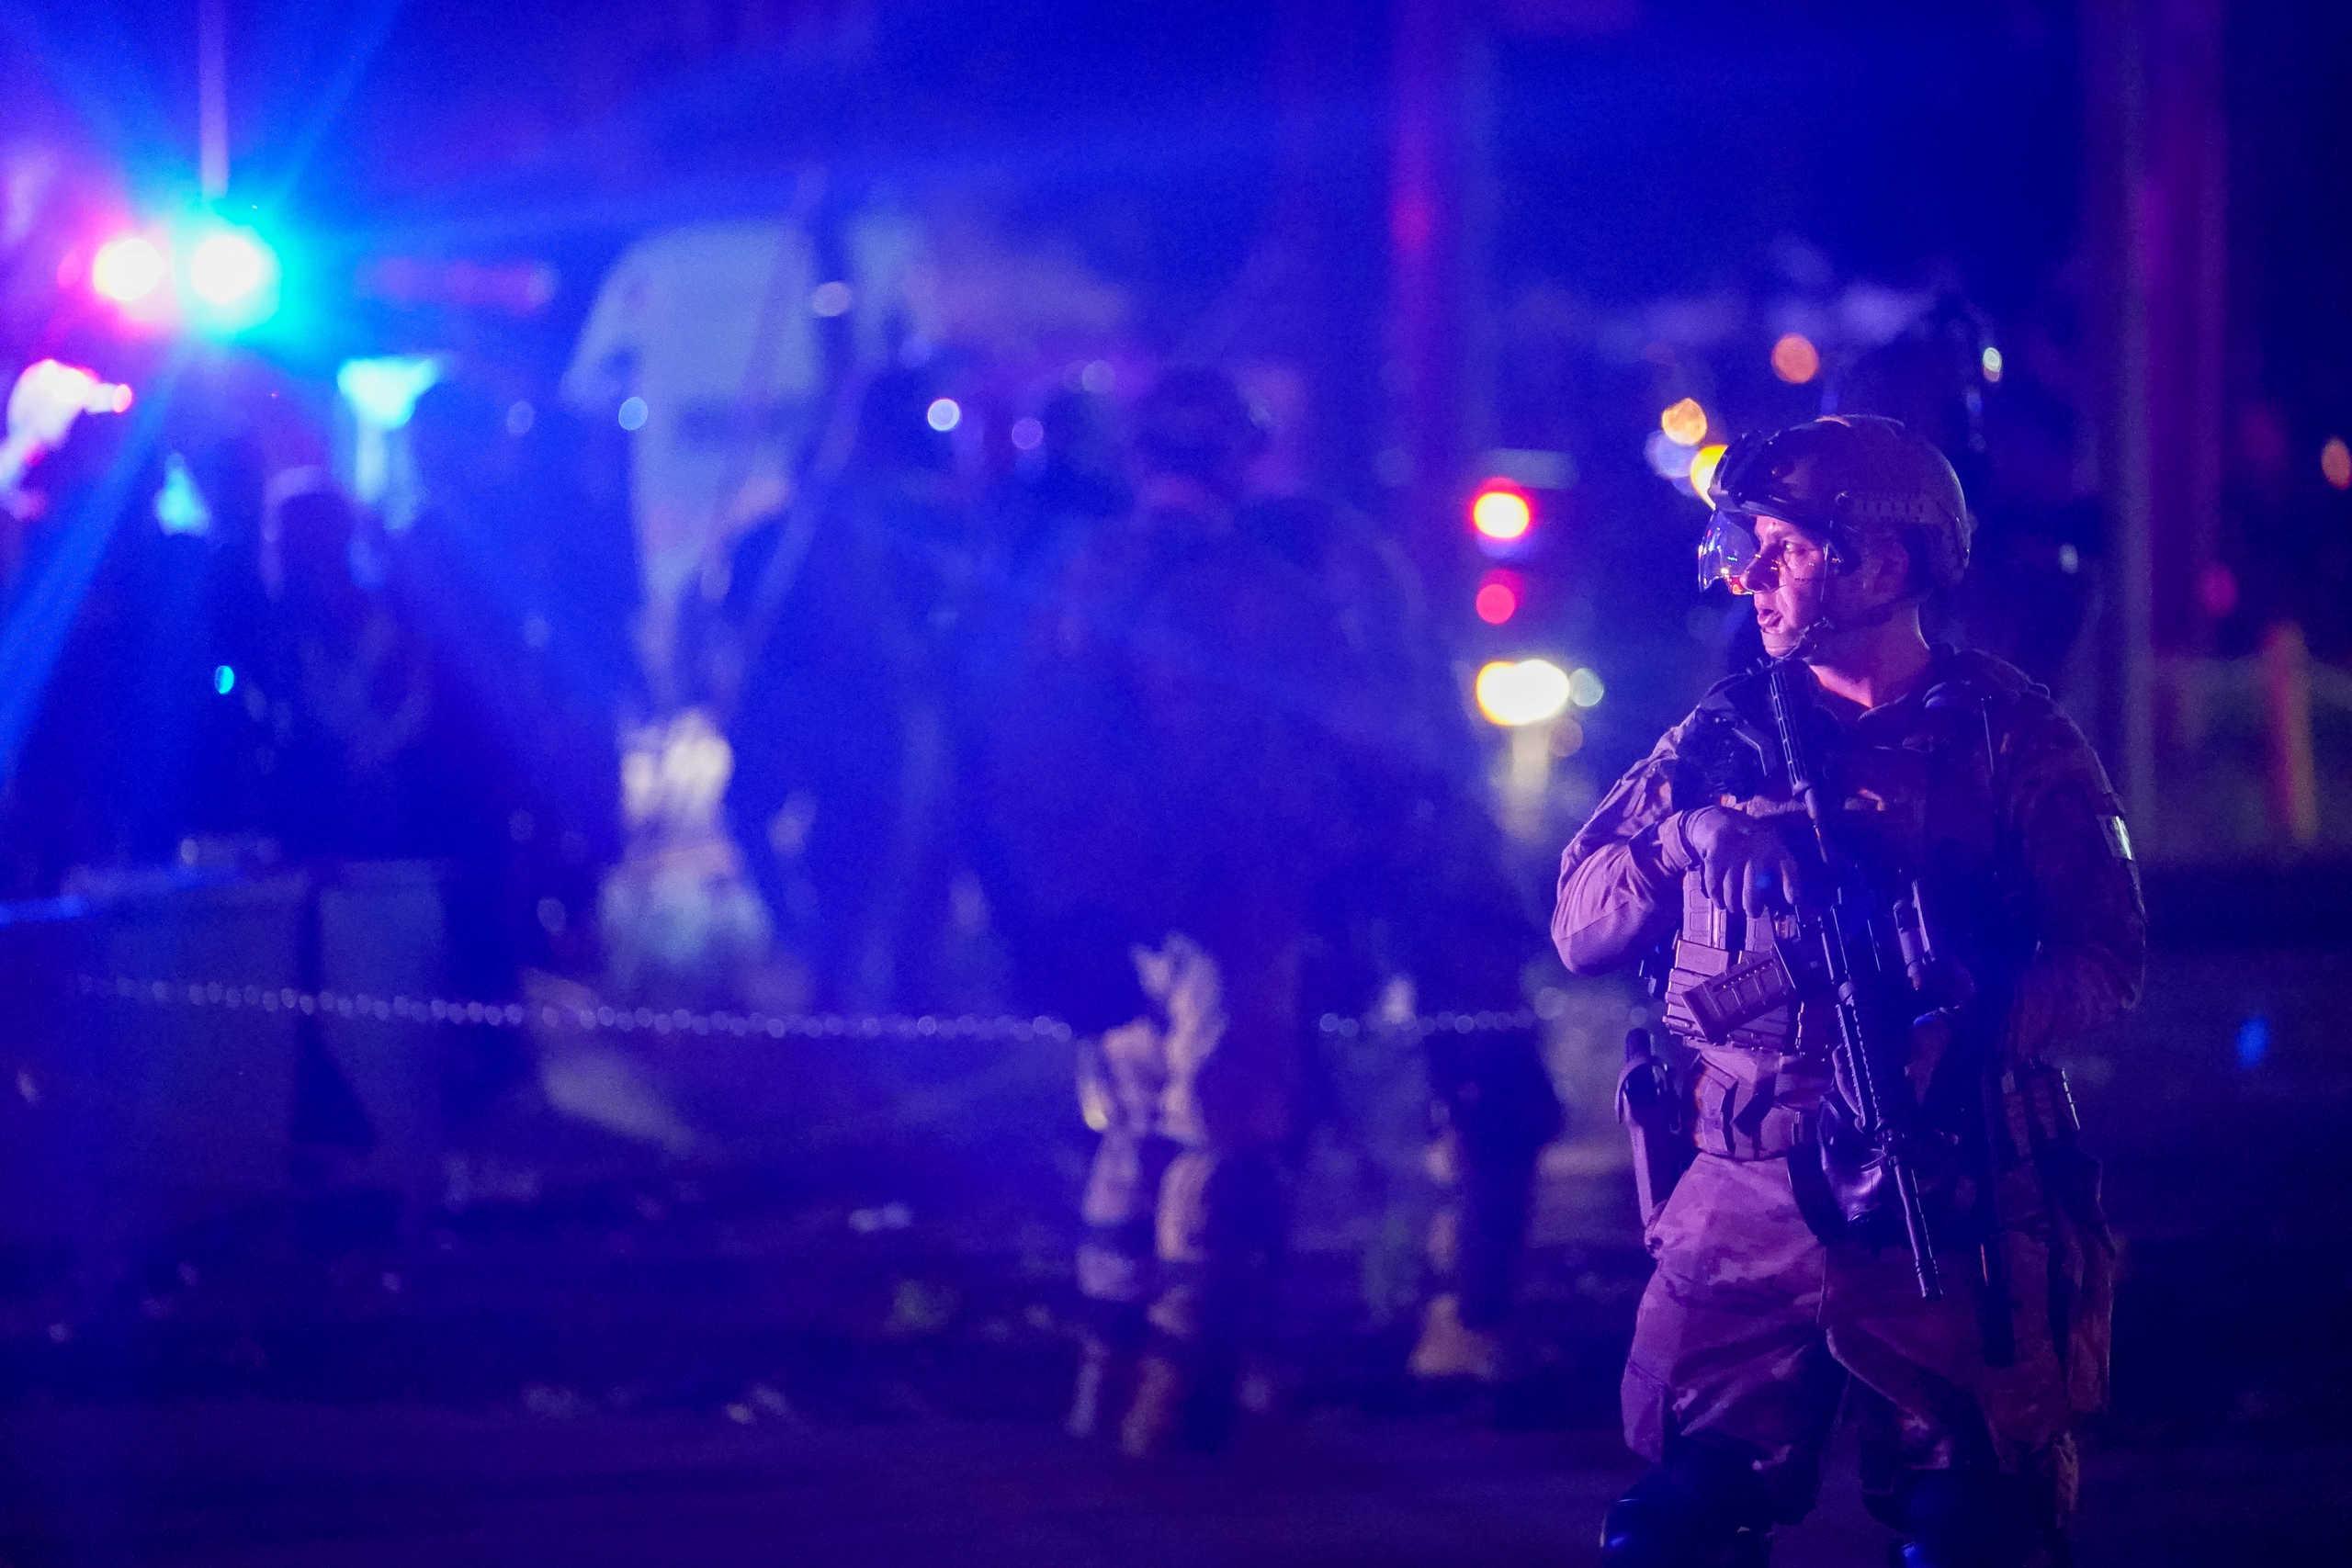 ΗΠΑ: Νέος θάνατος Αφροαμερικανού! Νεκρός εστιάτορας από αστυνομικά πυρά στο Λούιβιλ (pics, video)